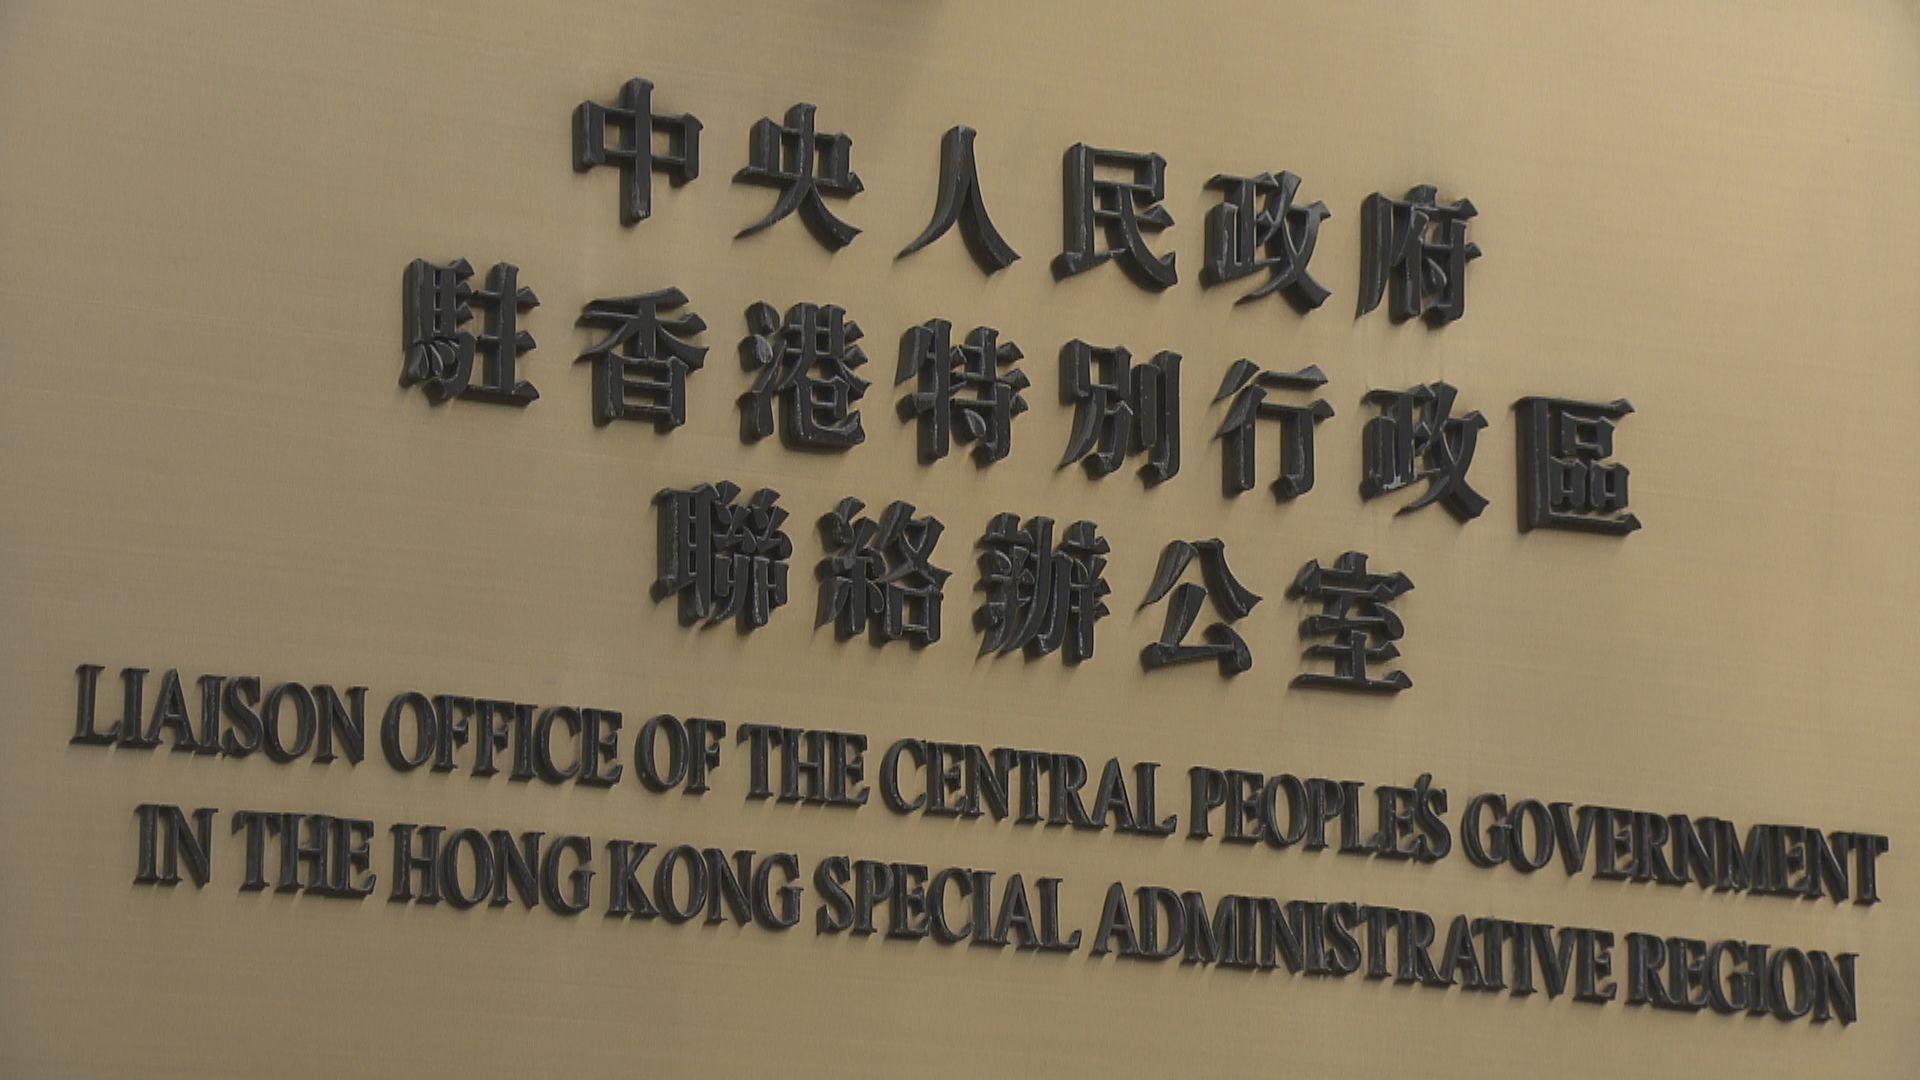 中聯辦強烈譴責有人恐嚇處理國安案件法官